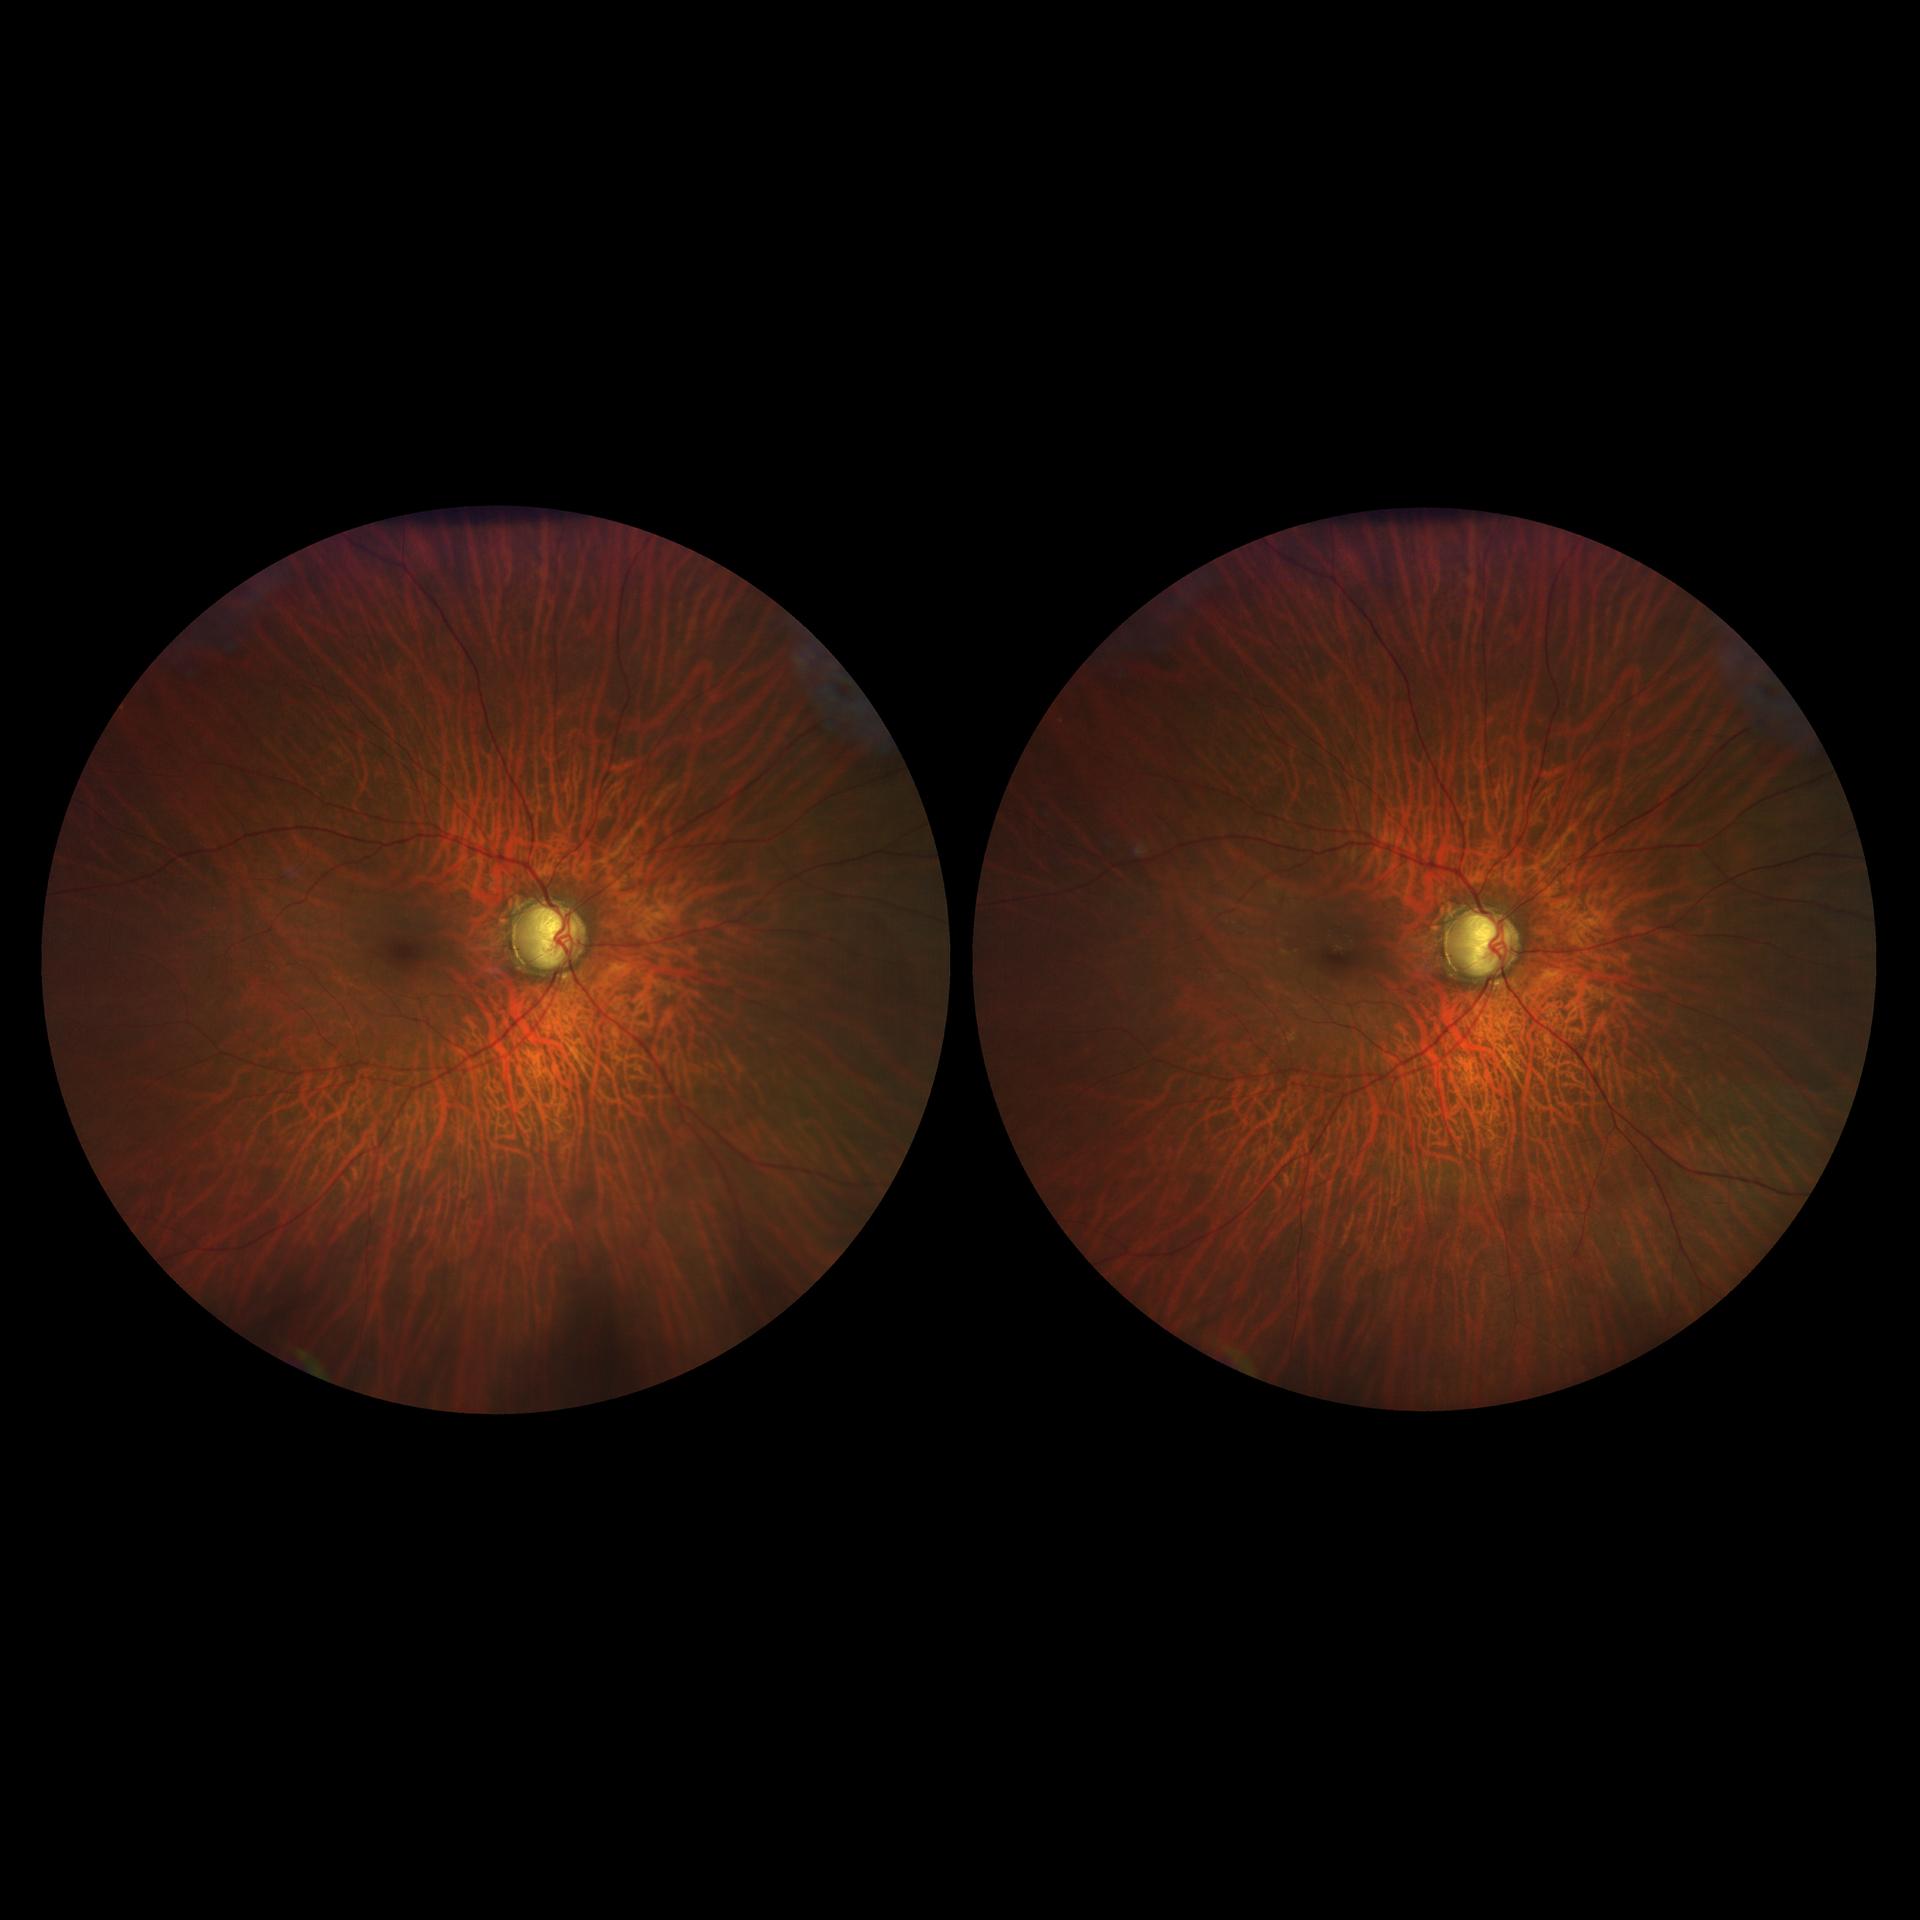 Fuerr die Stereoskopische Beurteilung des Fundus koennen Stereobildpaare aufgenommen werden.